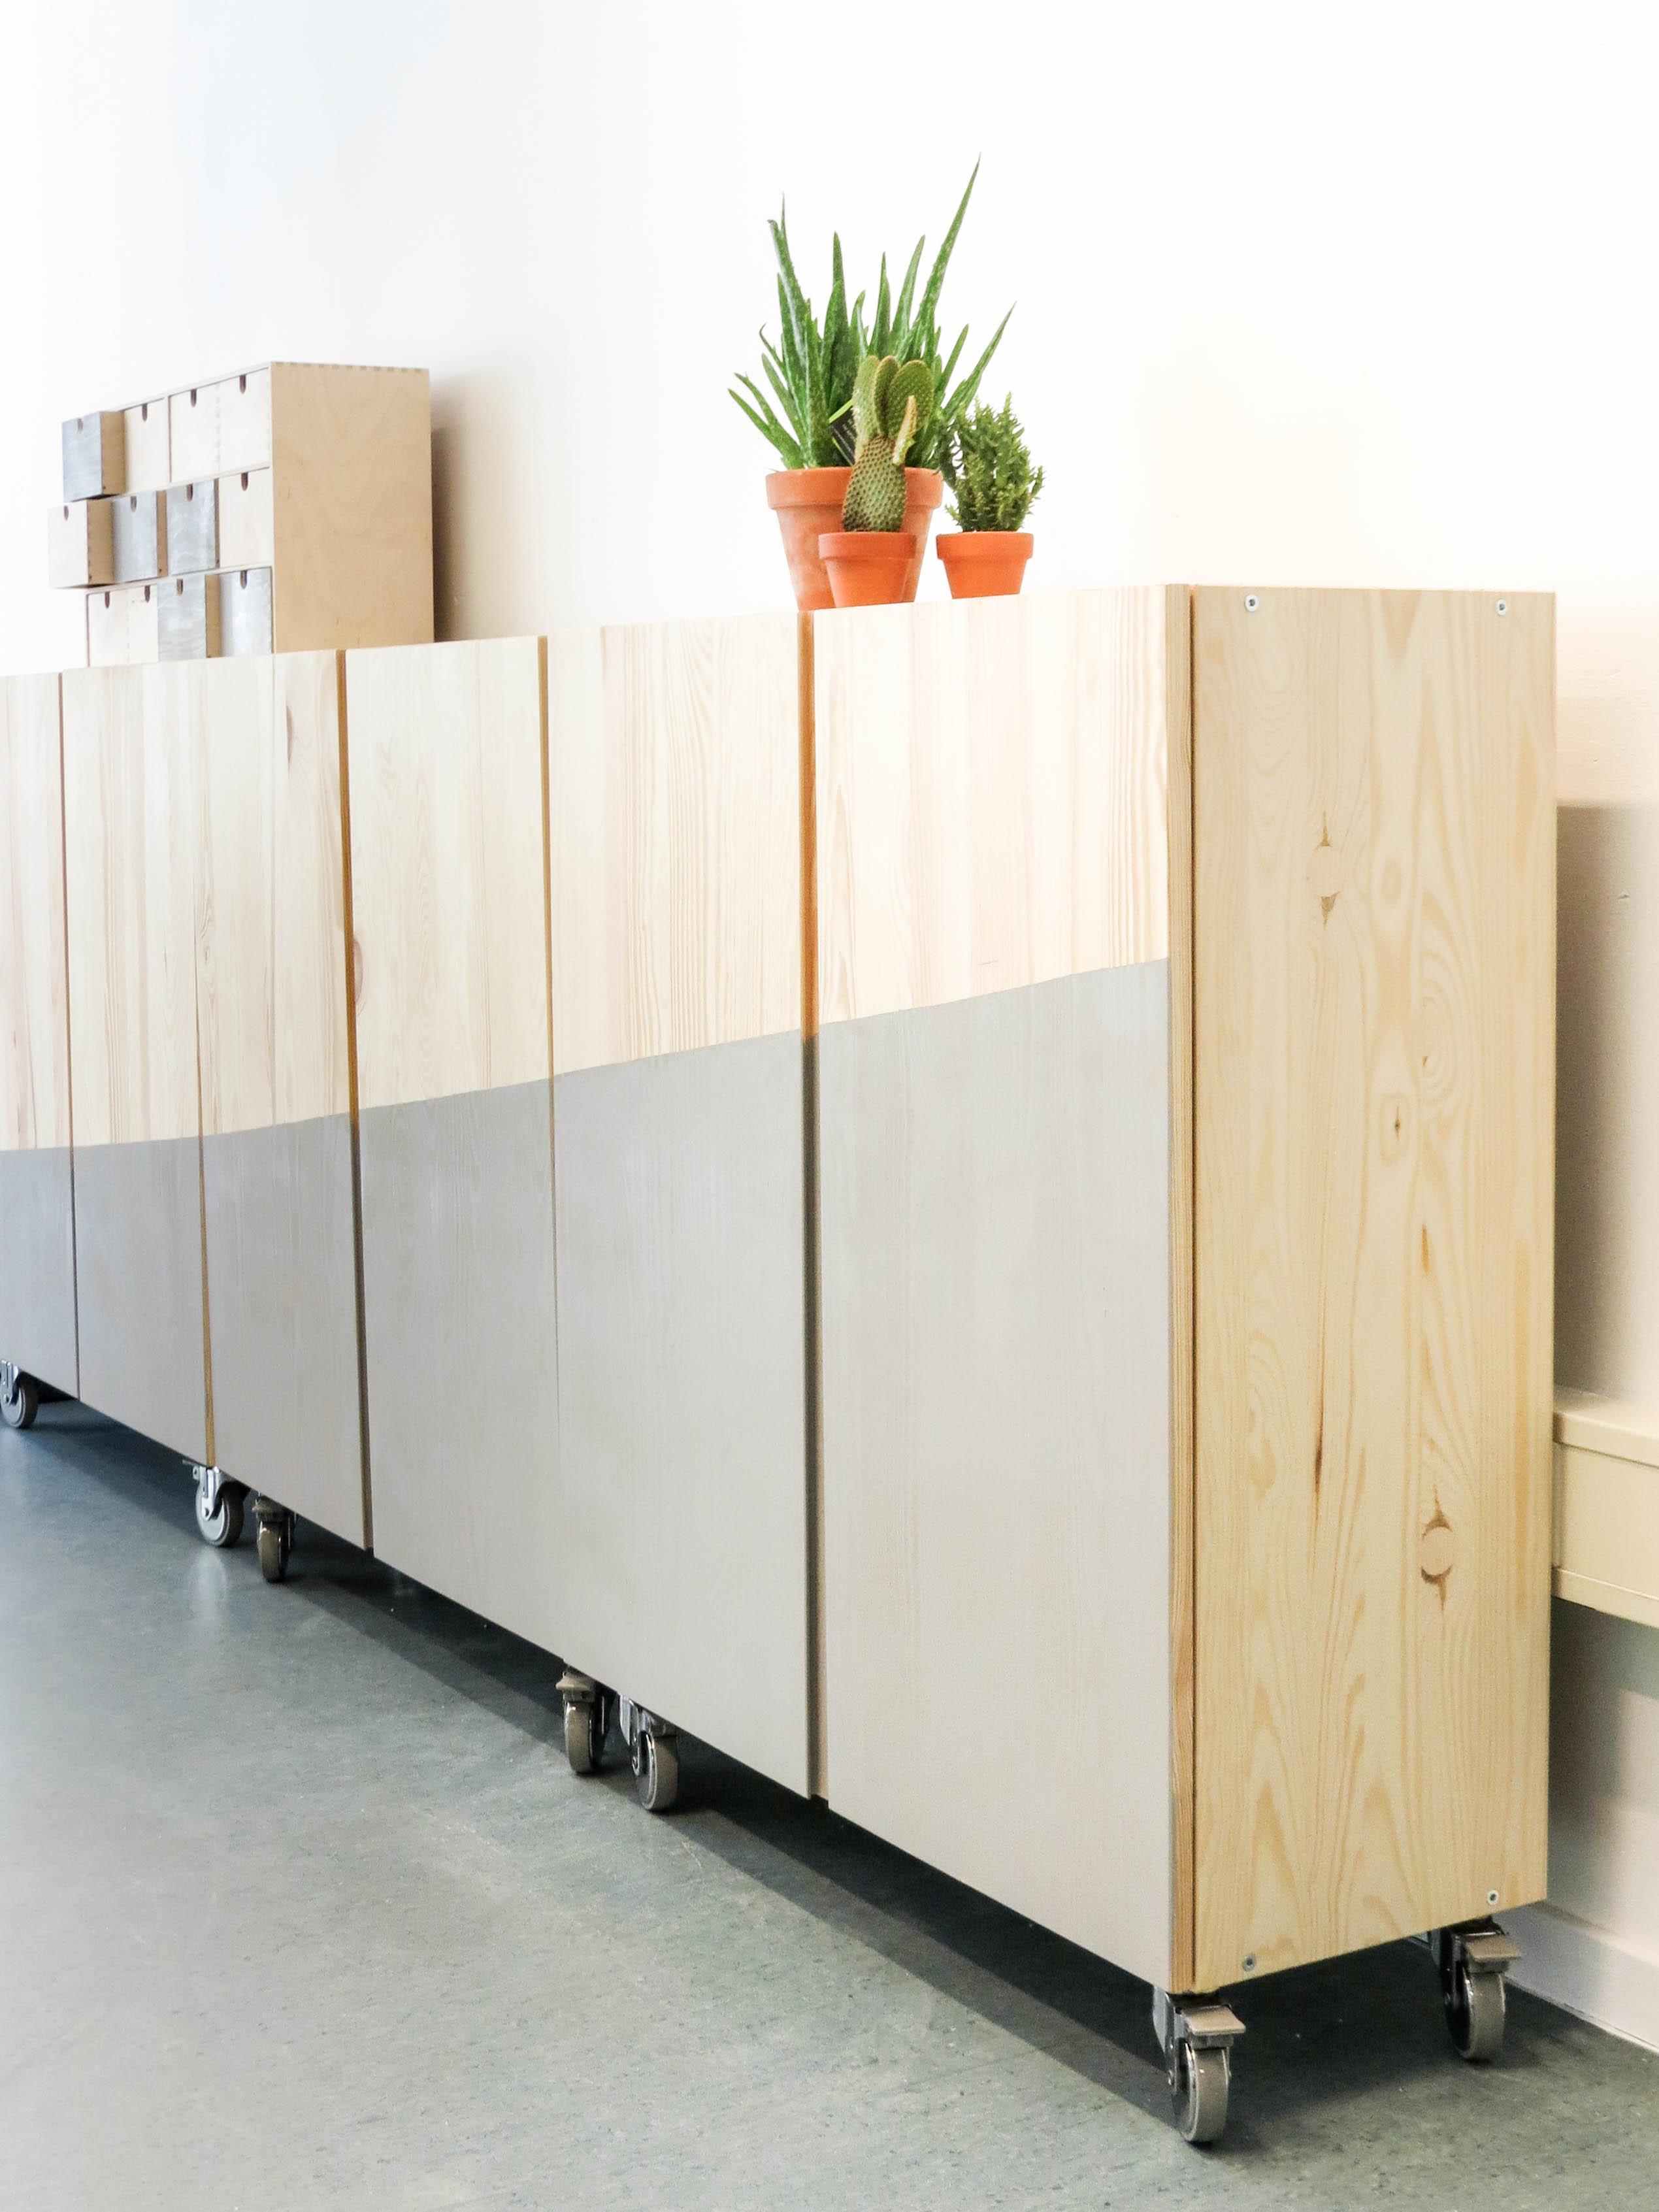 Prullenbak Keukenkast Ikea Informatie Over De Keuken